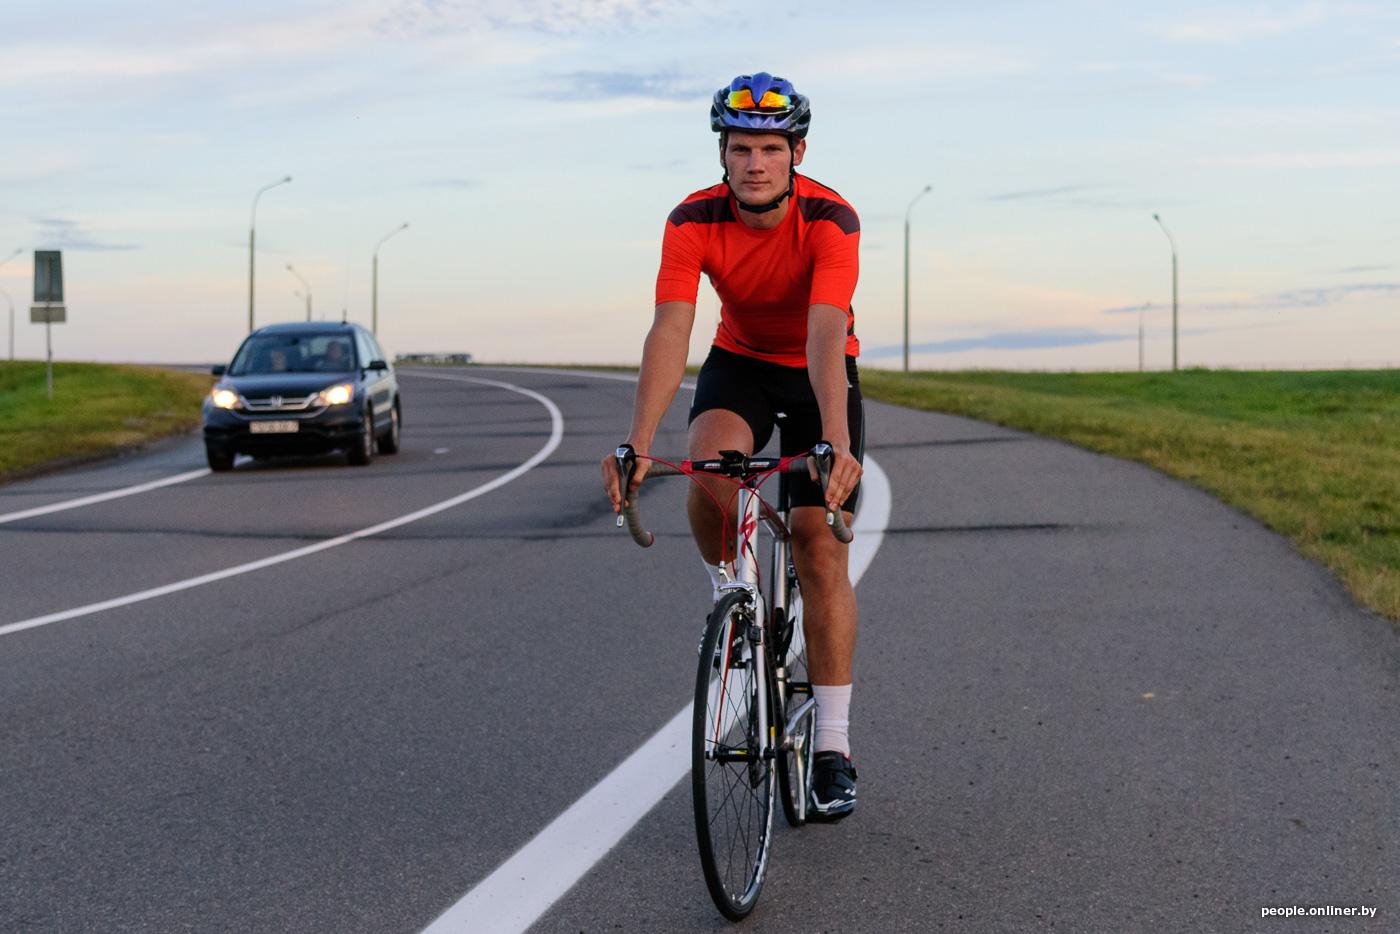 Картинки велосипедиста и машины